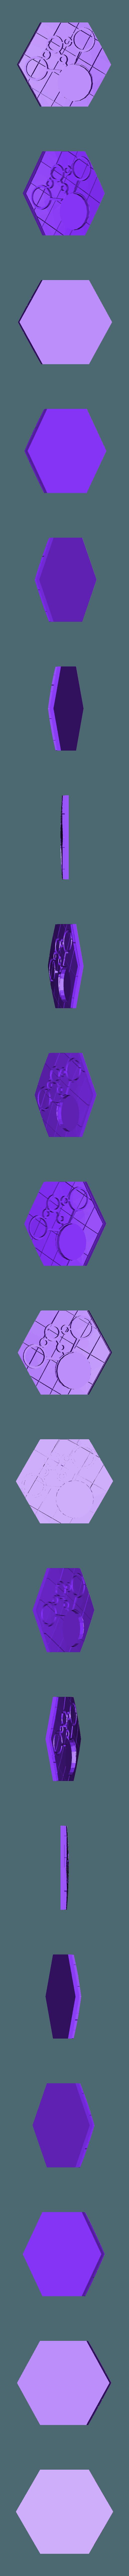 Catan_-_Wheat3.stl Télécharger fichier STL gratuit Jeu complet de carreaux Catan - Buse simple, multicouches multicolores • Objet pour impression 3D, Hardcore3D